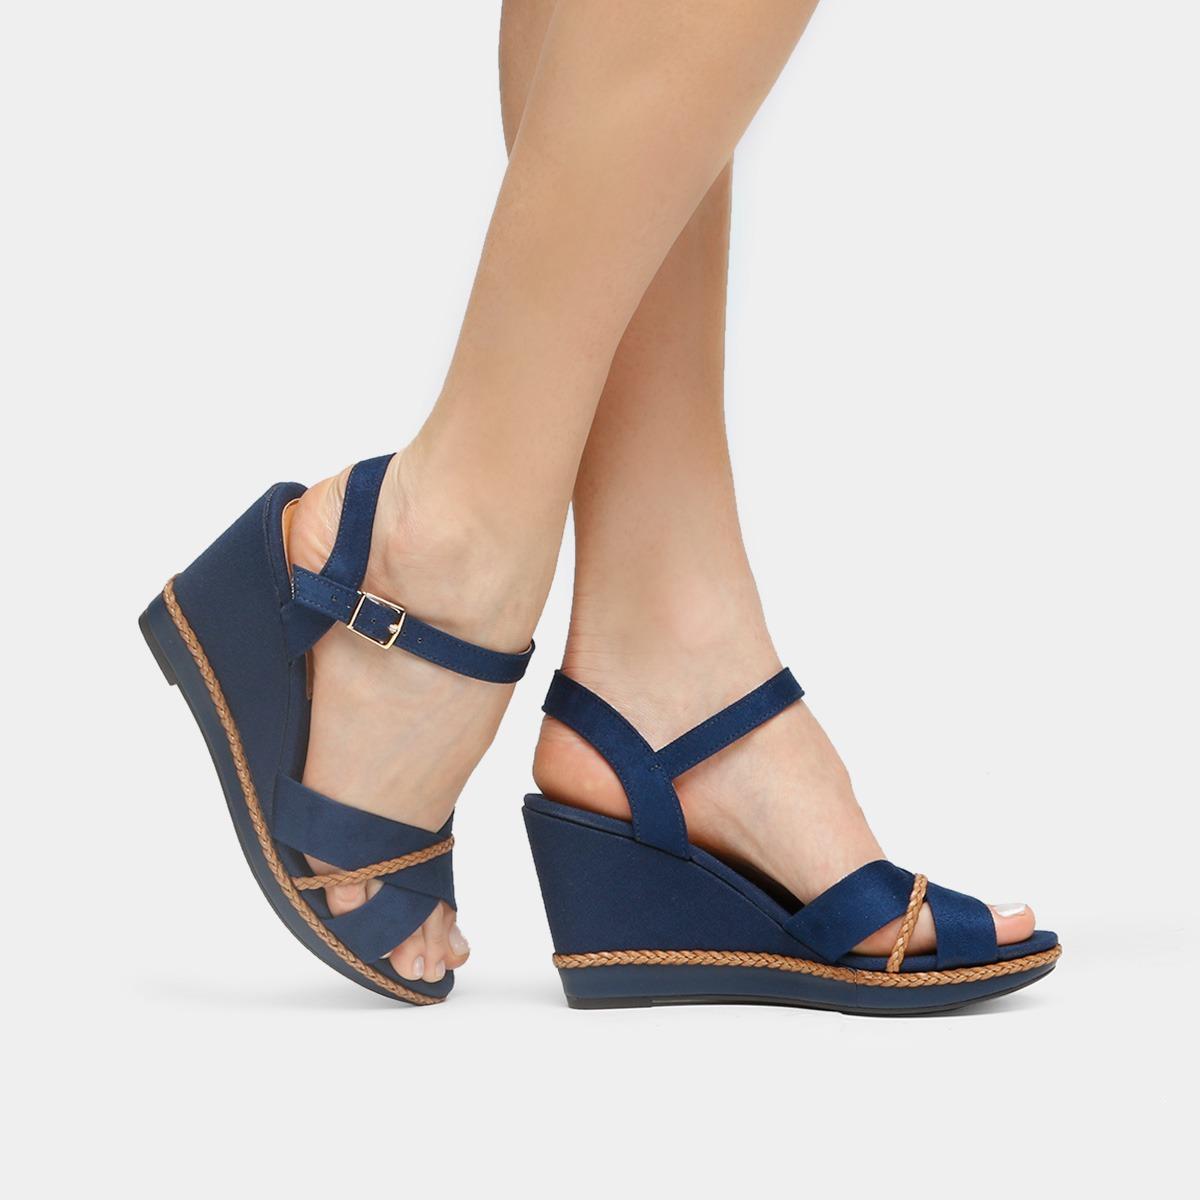 90d3c2831 sandália feminina salto anabela beira rio azul marinho. Carregando zoom.